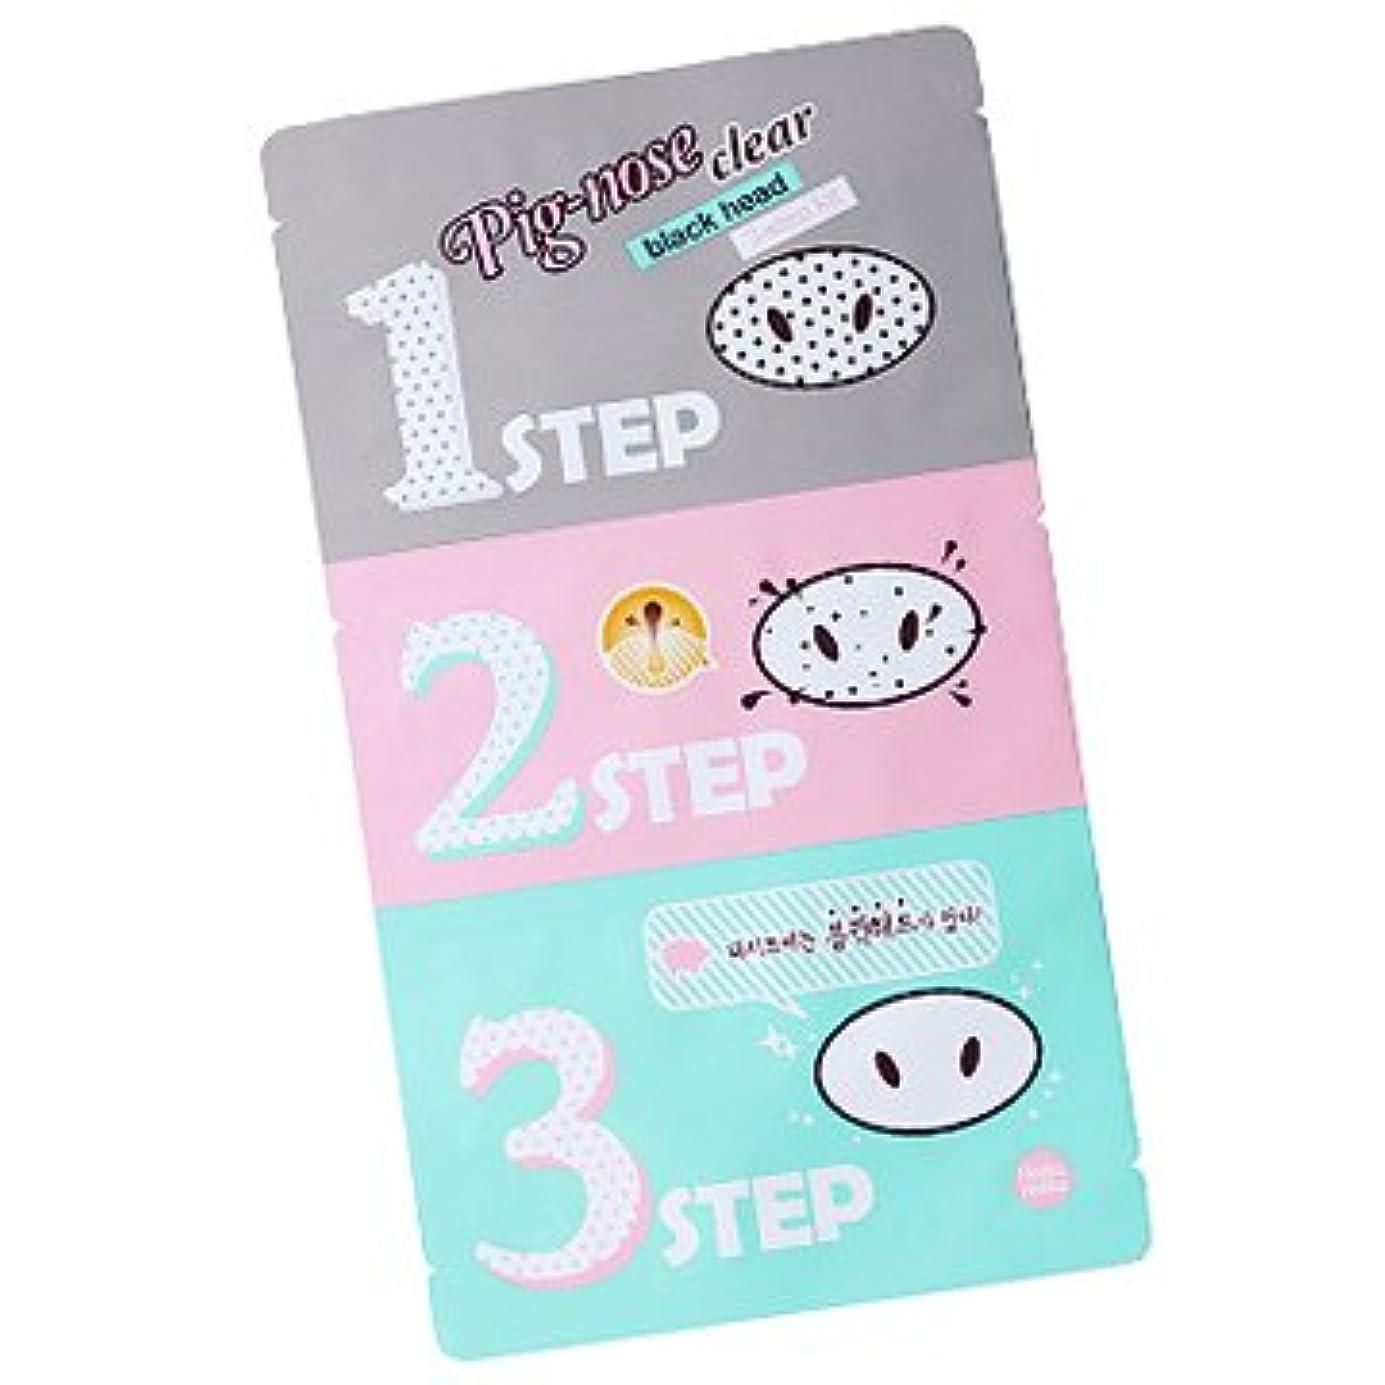 教育コンピューターを使用する確率Holika Holika Pig Nose Clear Black Head 3-Step Kit 3EA (Nose Pack) ホリカホリカ ピグノーズクリアブラックヘッド3-Stepキット(鼻パック) 3pcs [並行輸入品]